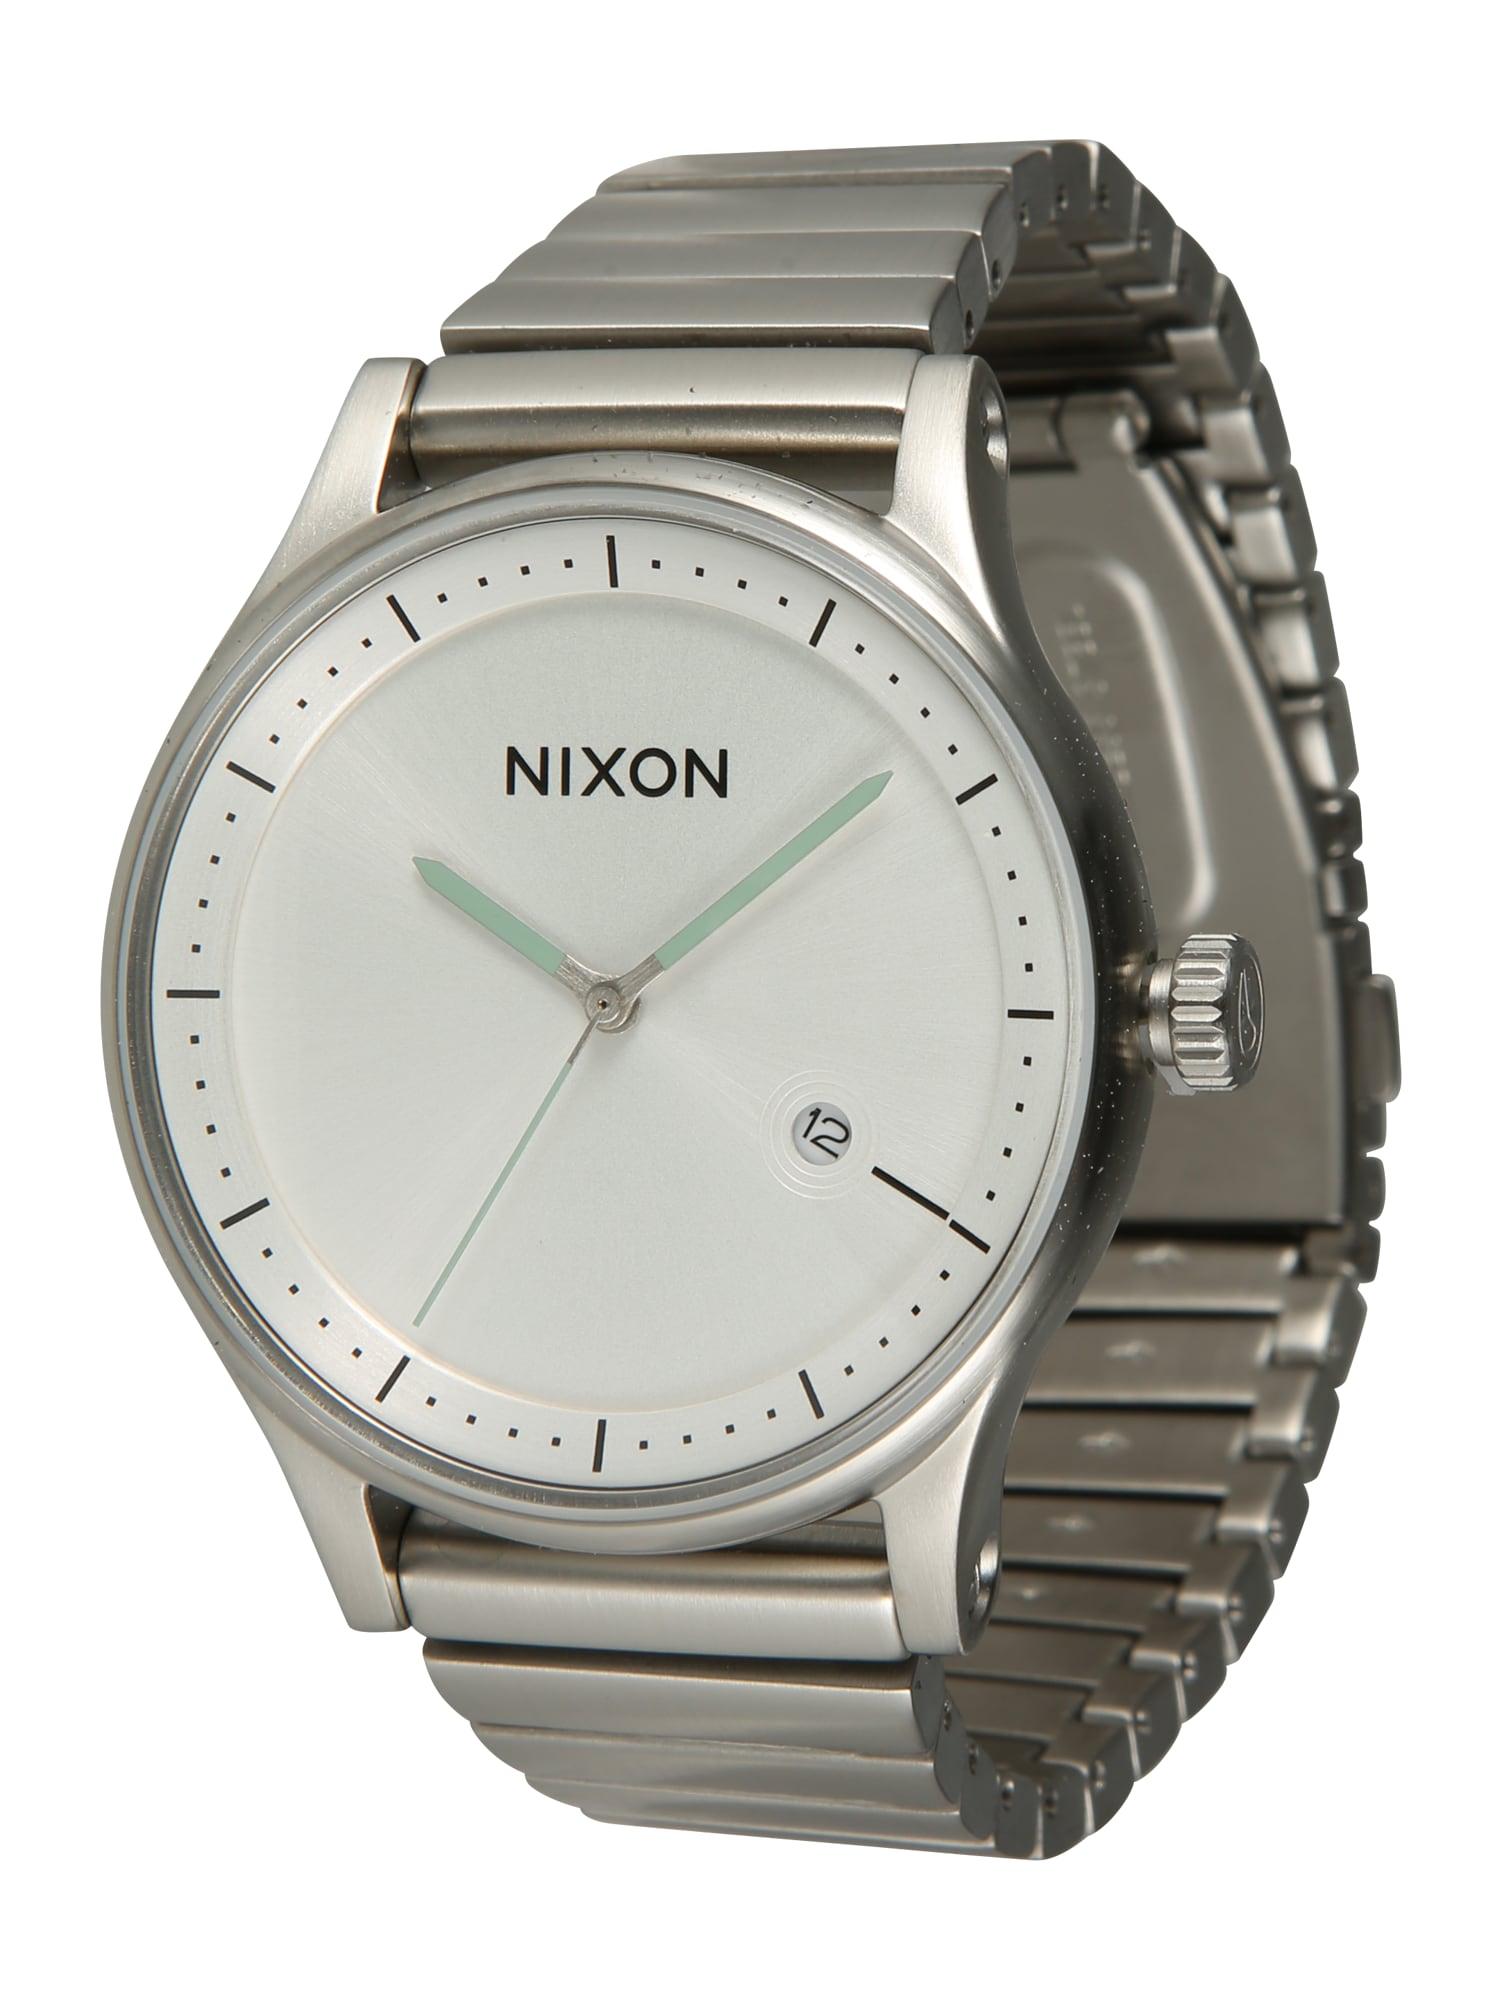 Analogové hodinky Station A1160 502-00 stříbrně šedá bílá Nixon